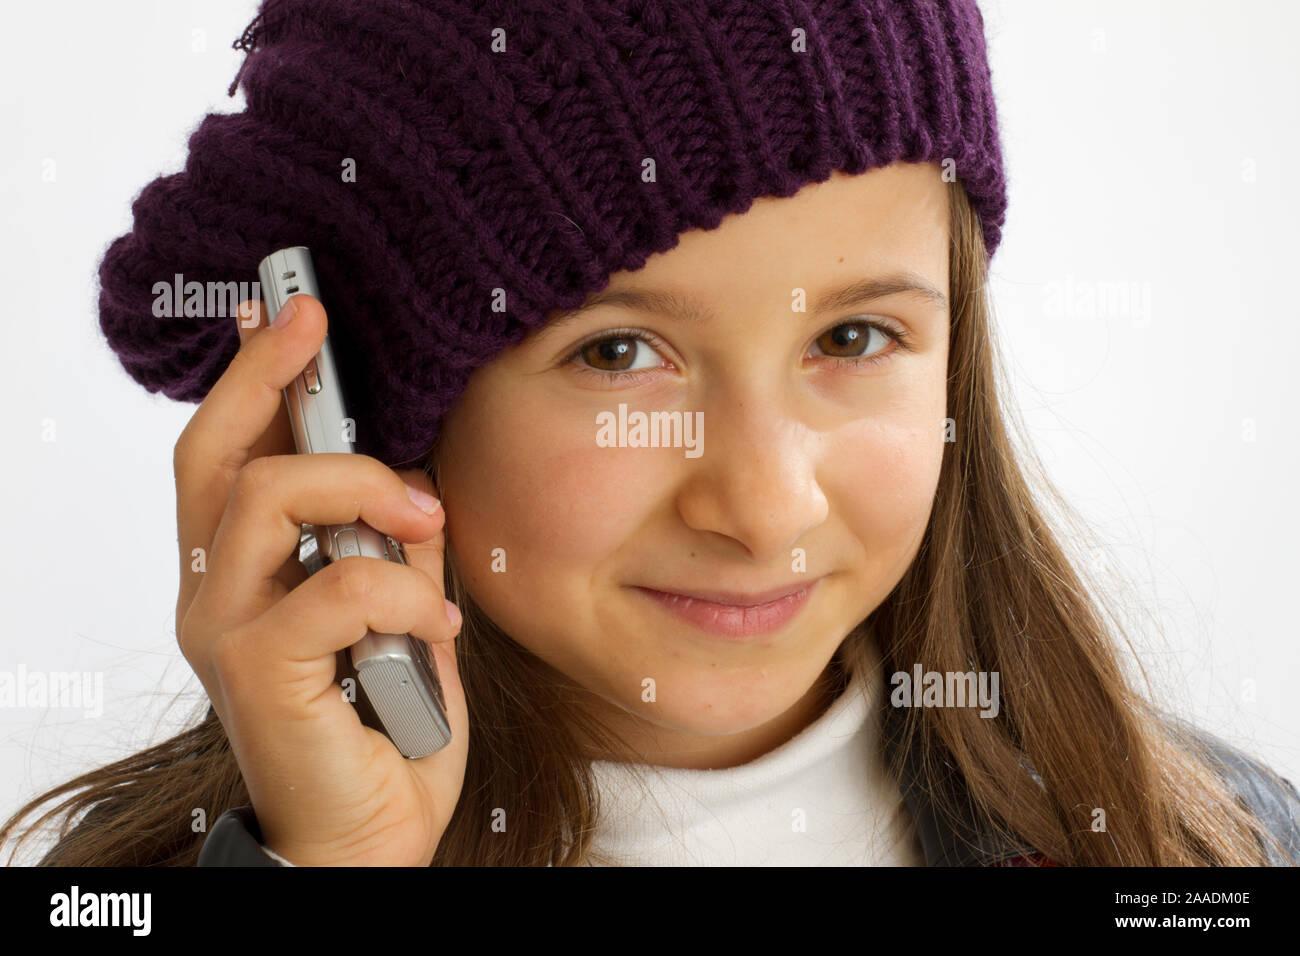 Mädchen mit Handy in der Hand Stockfoto